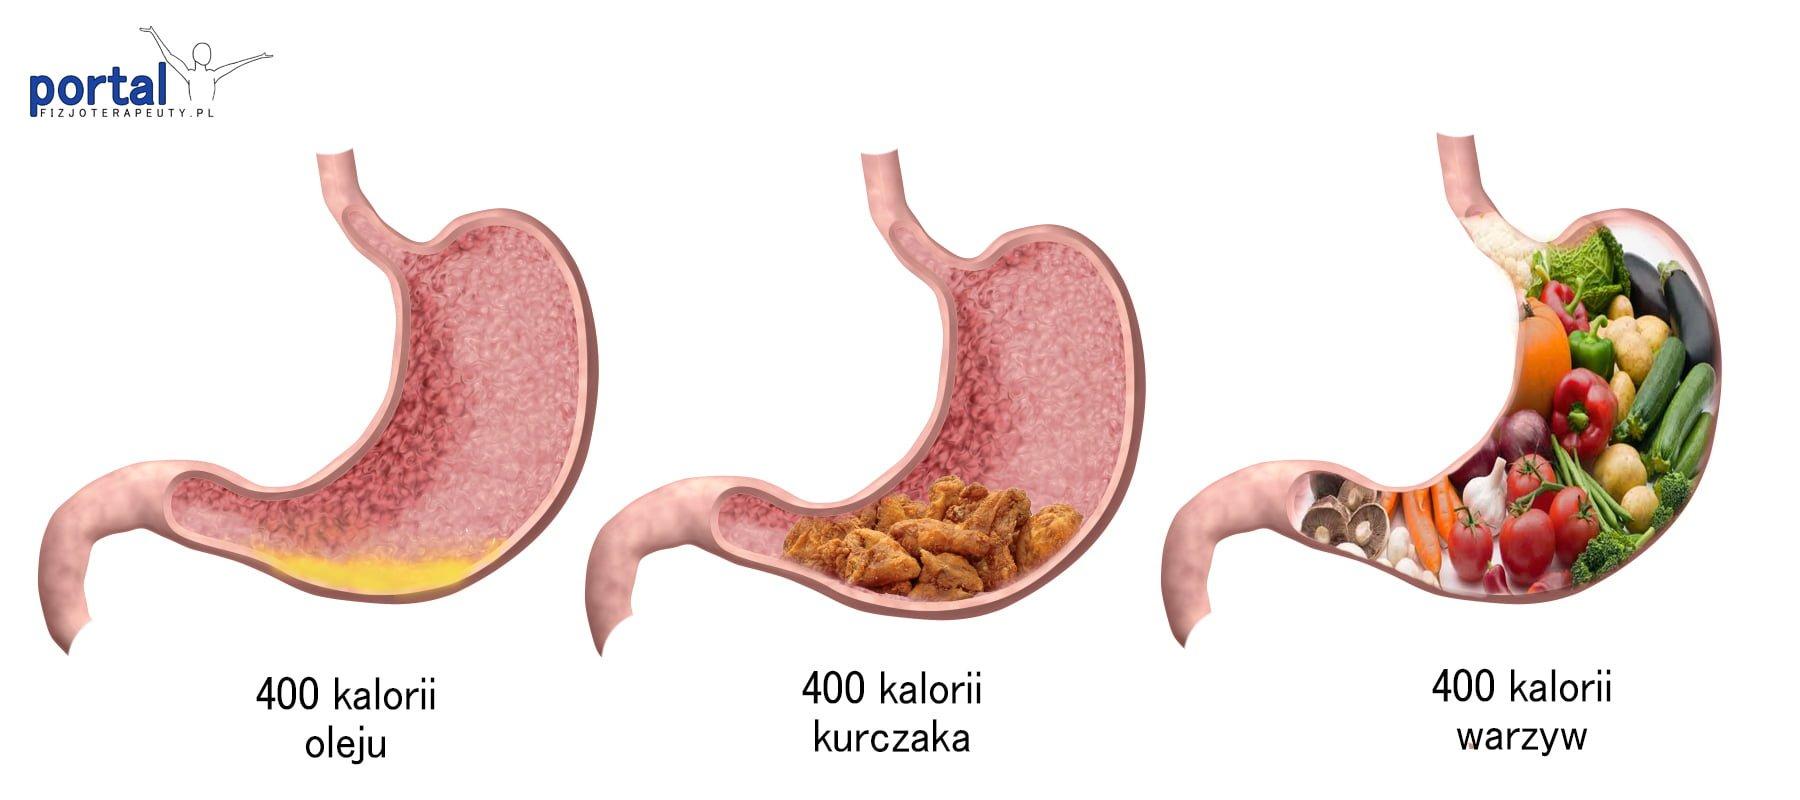 Żołądek a kalorie